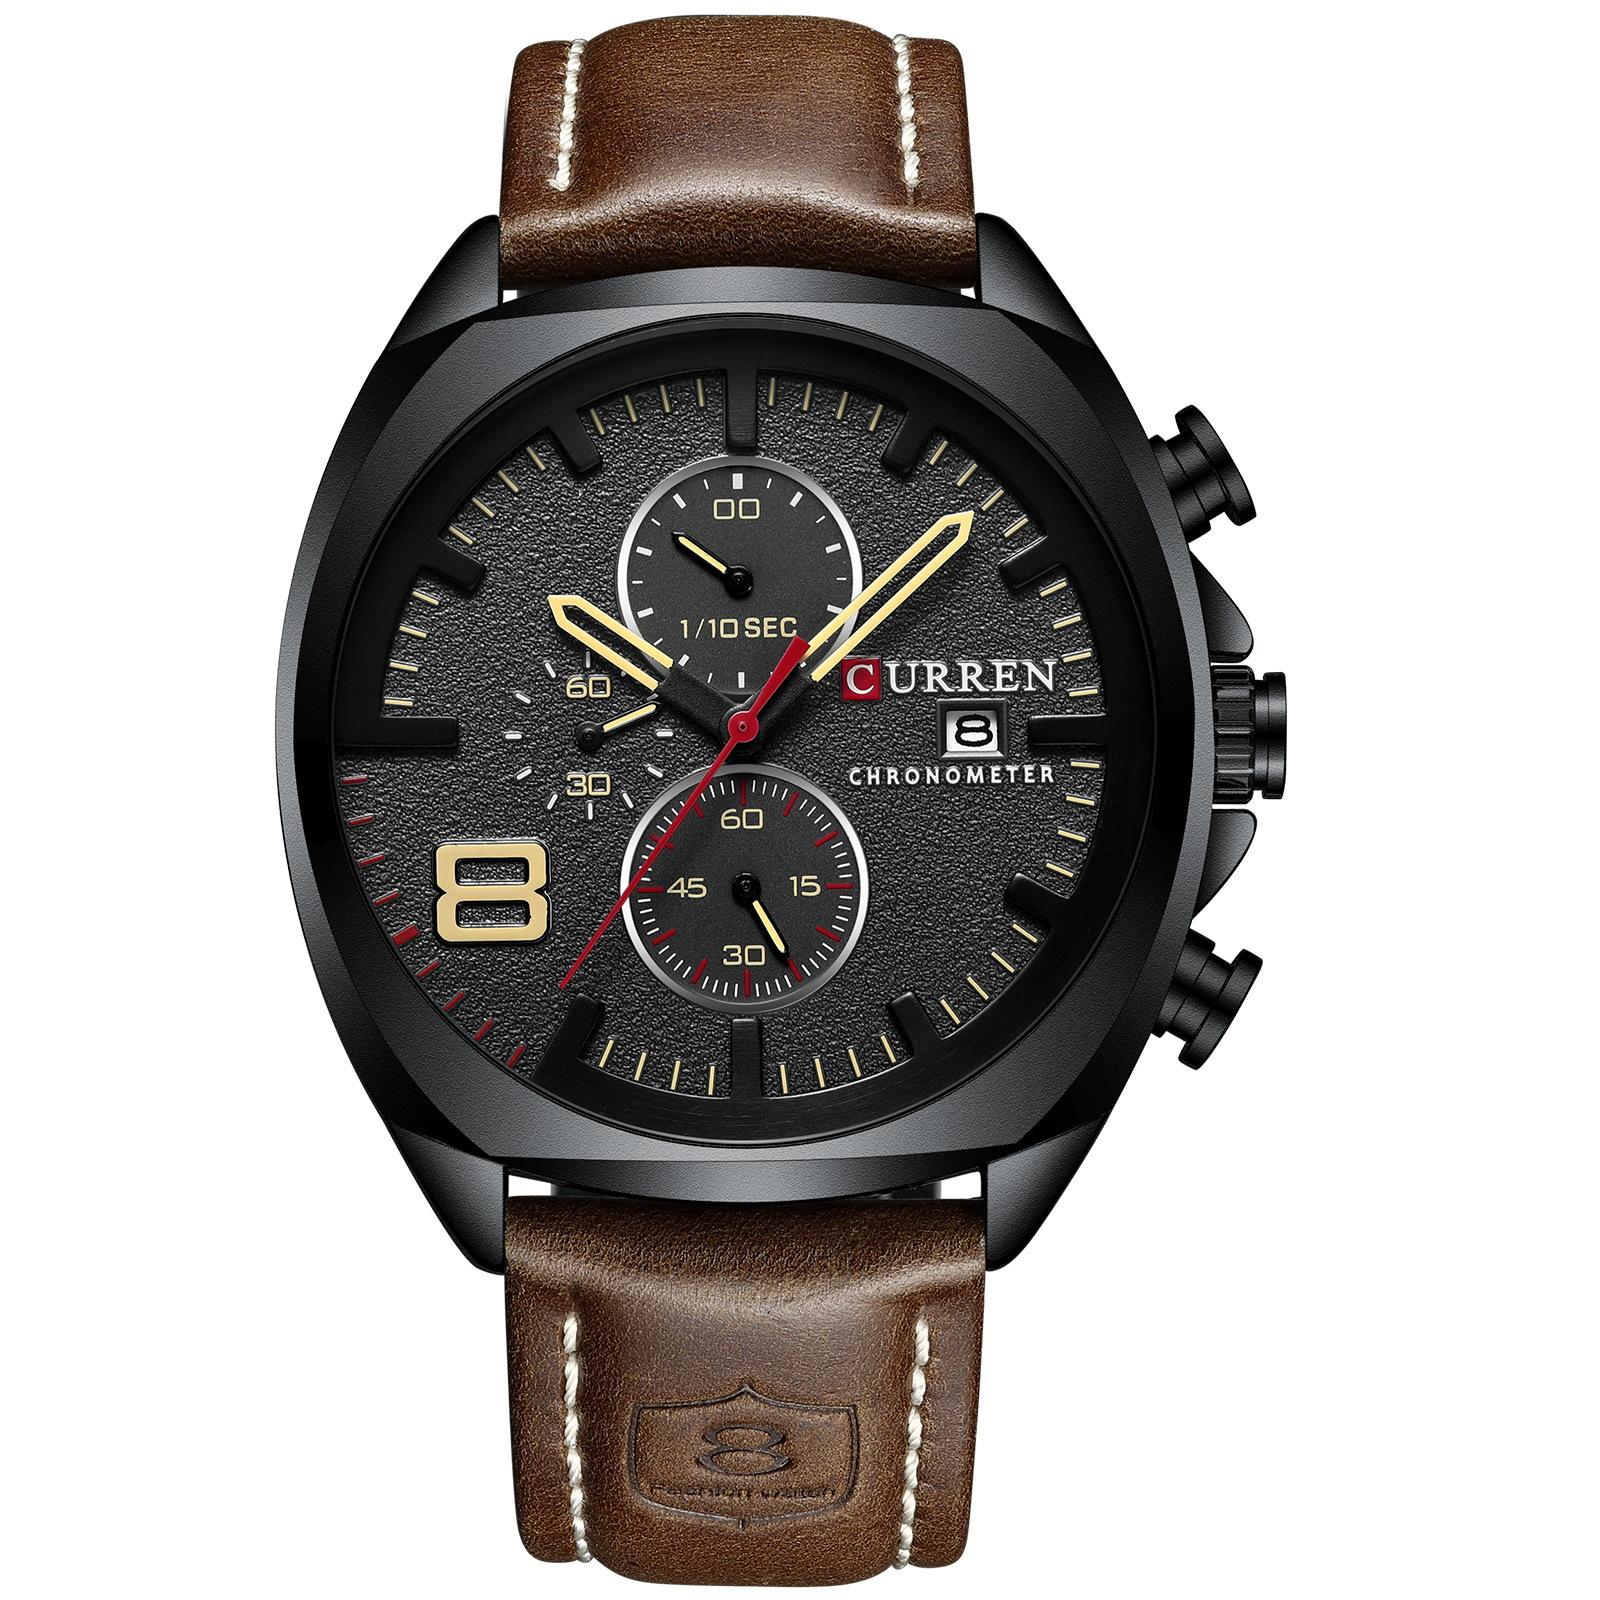 CURREN 8324 Männer Uhren Luxus Military Analog Quarz Uhr herren Sport Armbanduhr Relogio Masculino 30M Wasserdichte